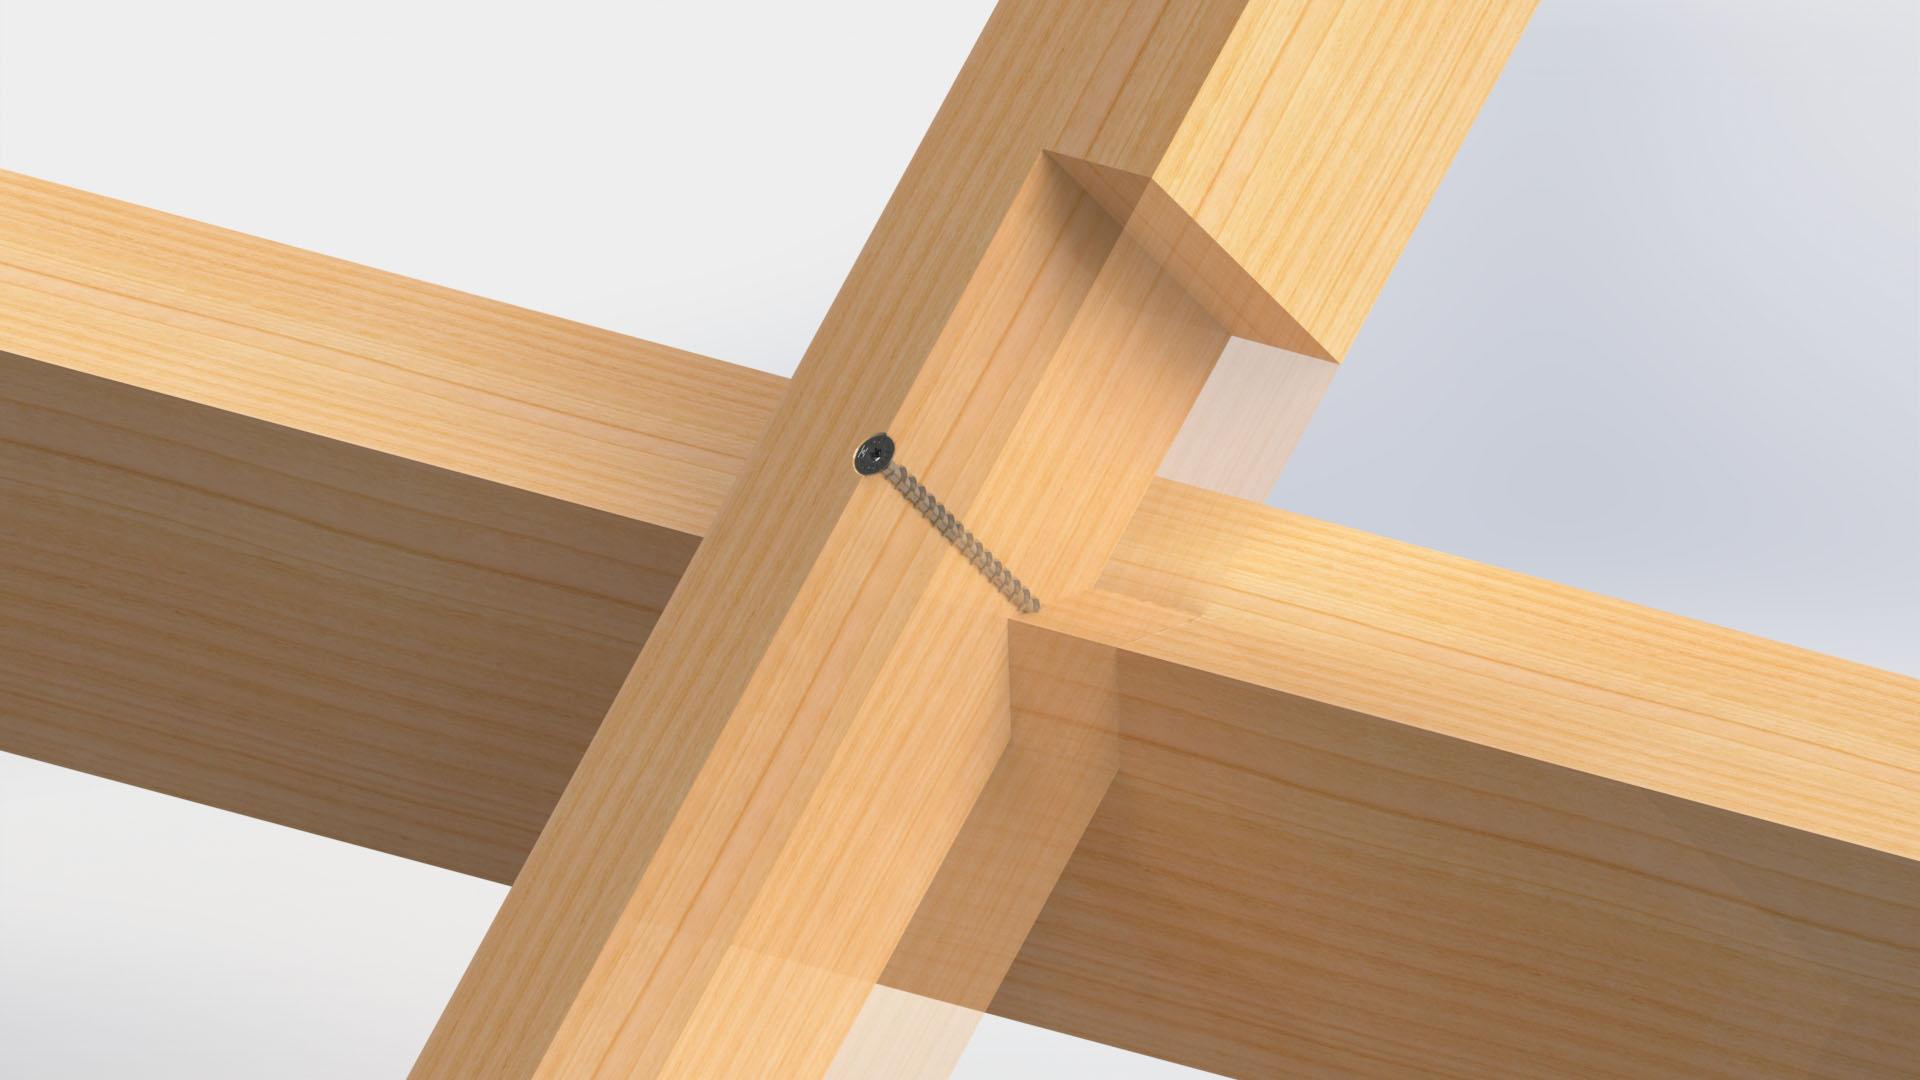 Grâce à ses propriétés techniques, la nouvelle vis HECO-TOPIX Filetage total convient aux fixations exposées à de fortes contraintes telles que les assemblages chevrons-pannes.